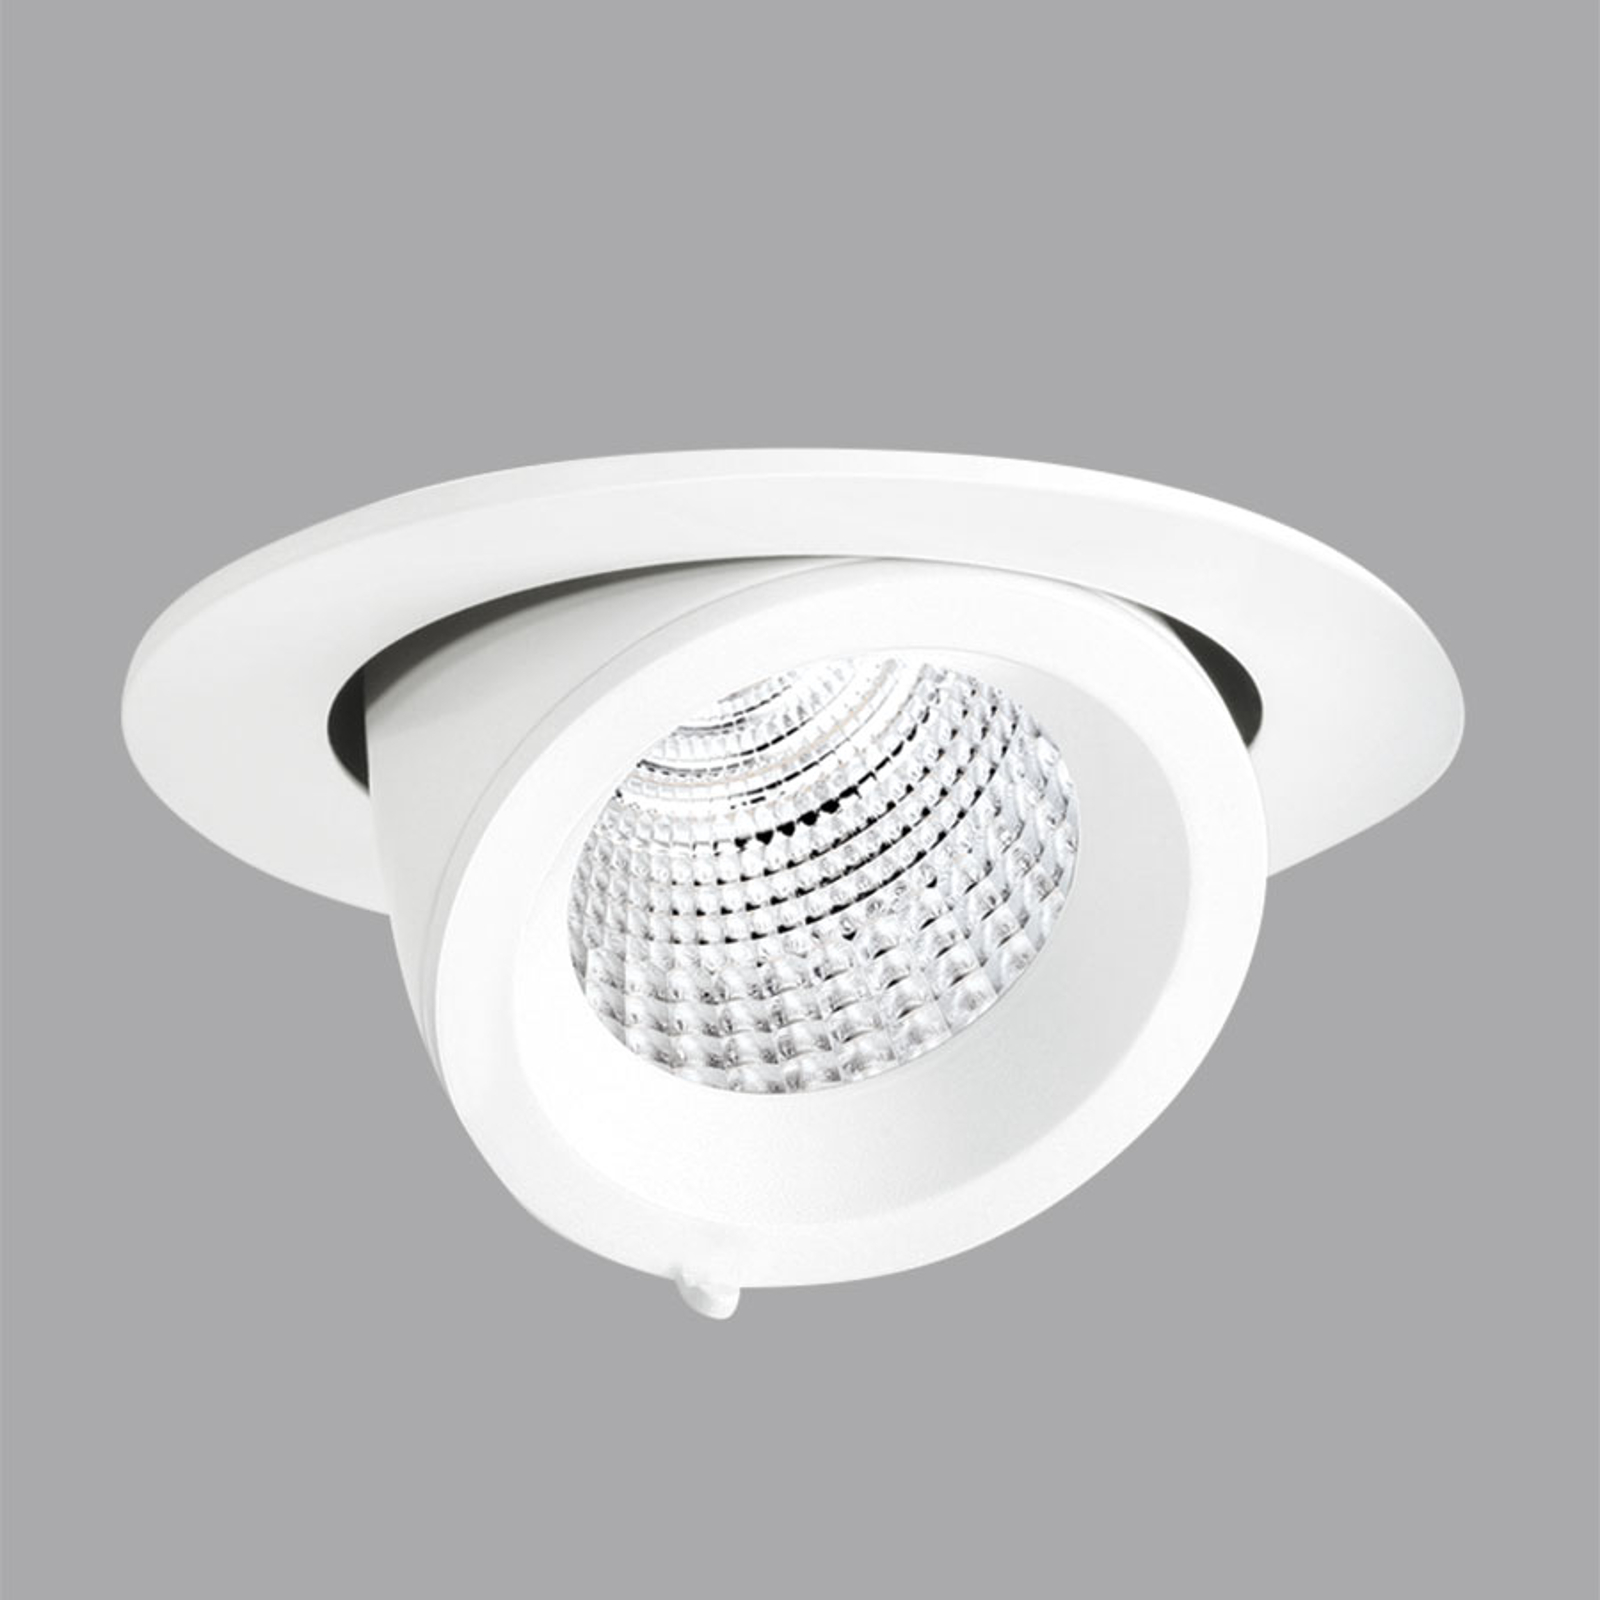 EB431 LED-spot reflektor hvit 3000K